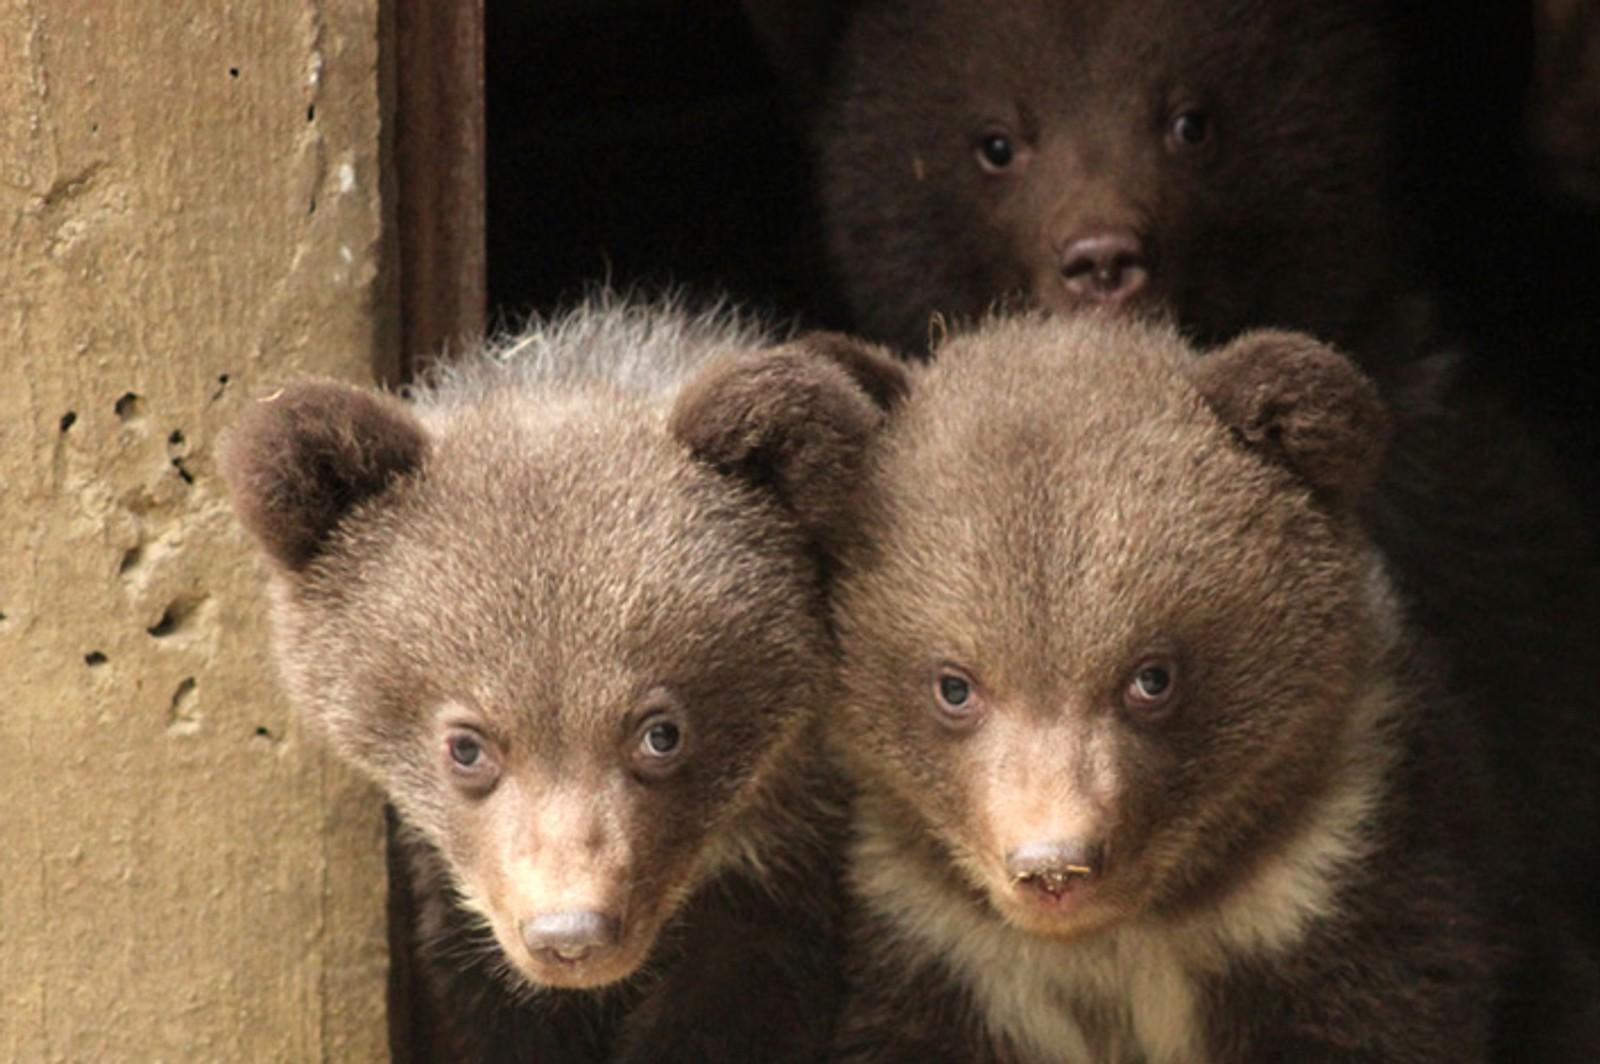 Tre små bjørner tittet denne uka ut og ble fotografert for første gang i dyrehagen Aran Park i Spania.